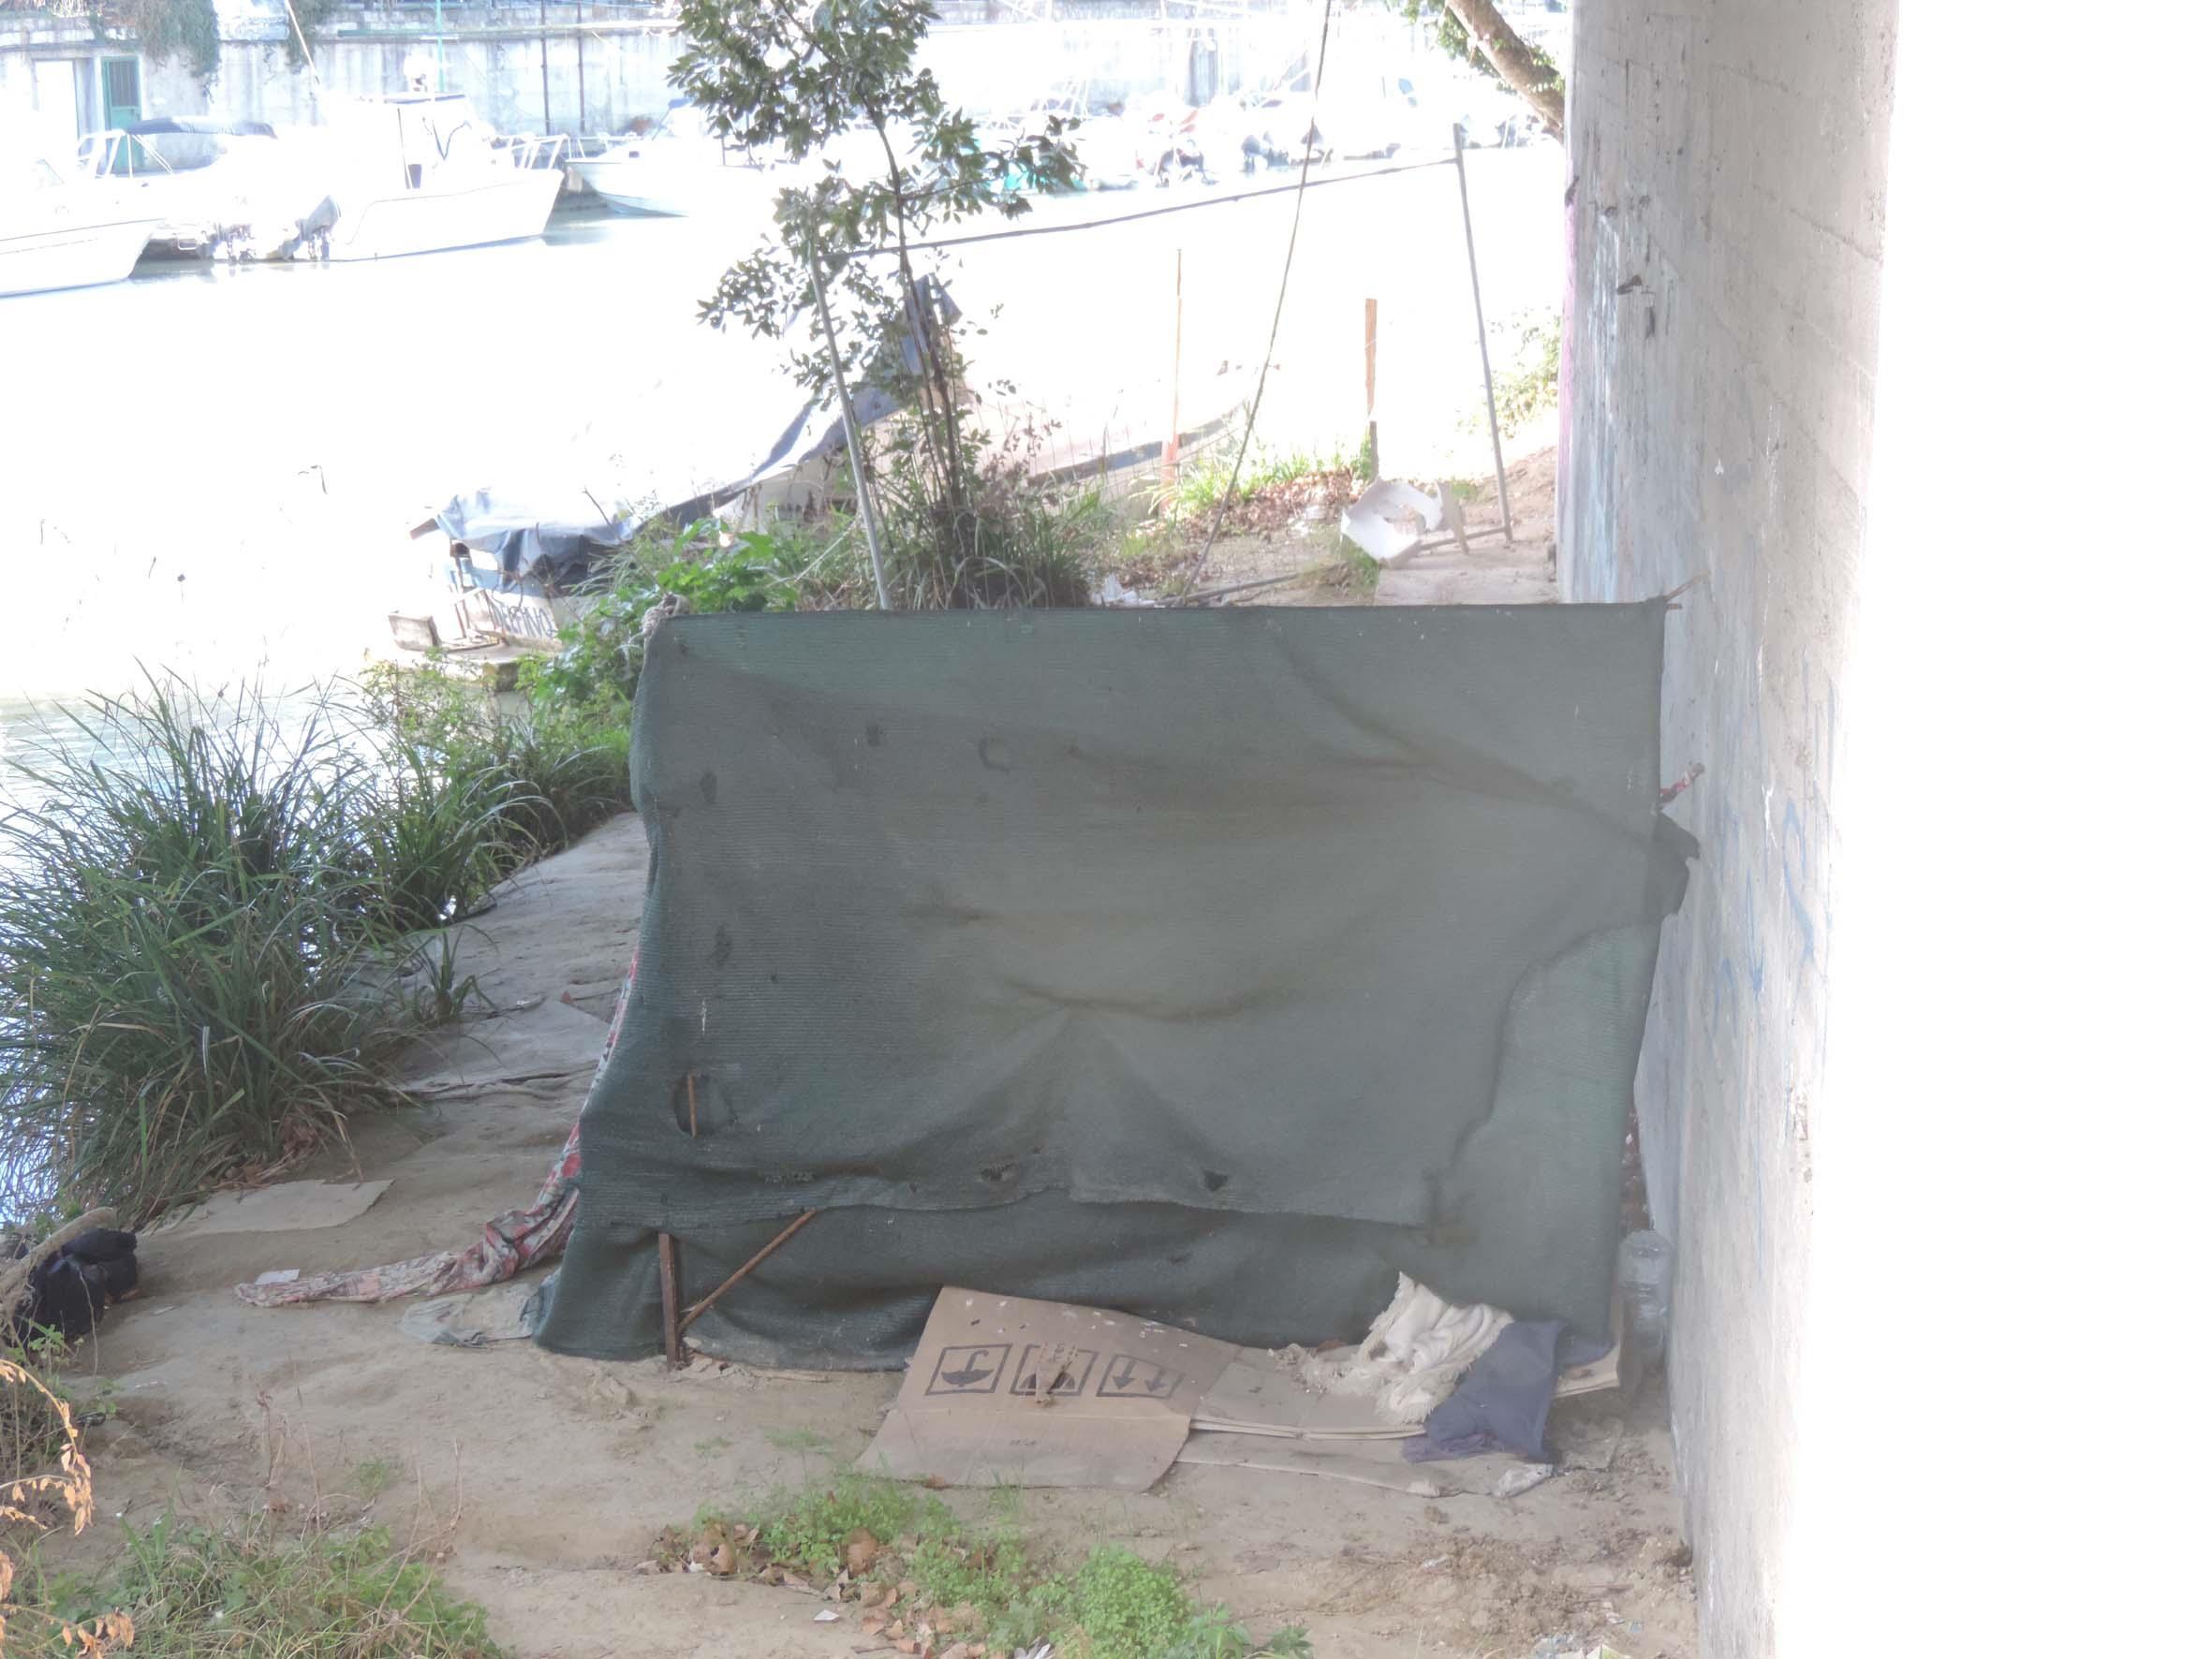 Accampamenti abusivi lungo il fiume Pescara